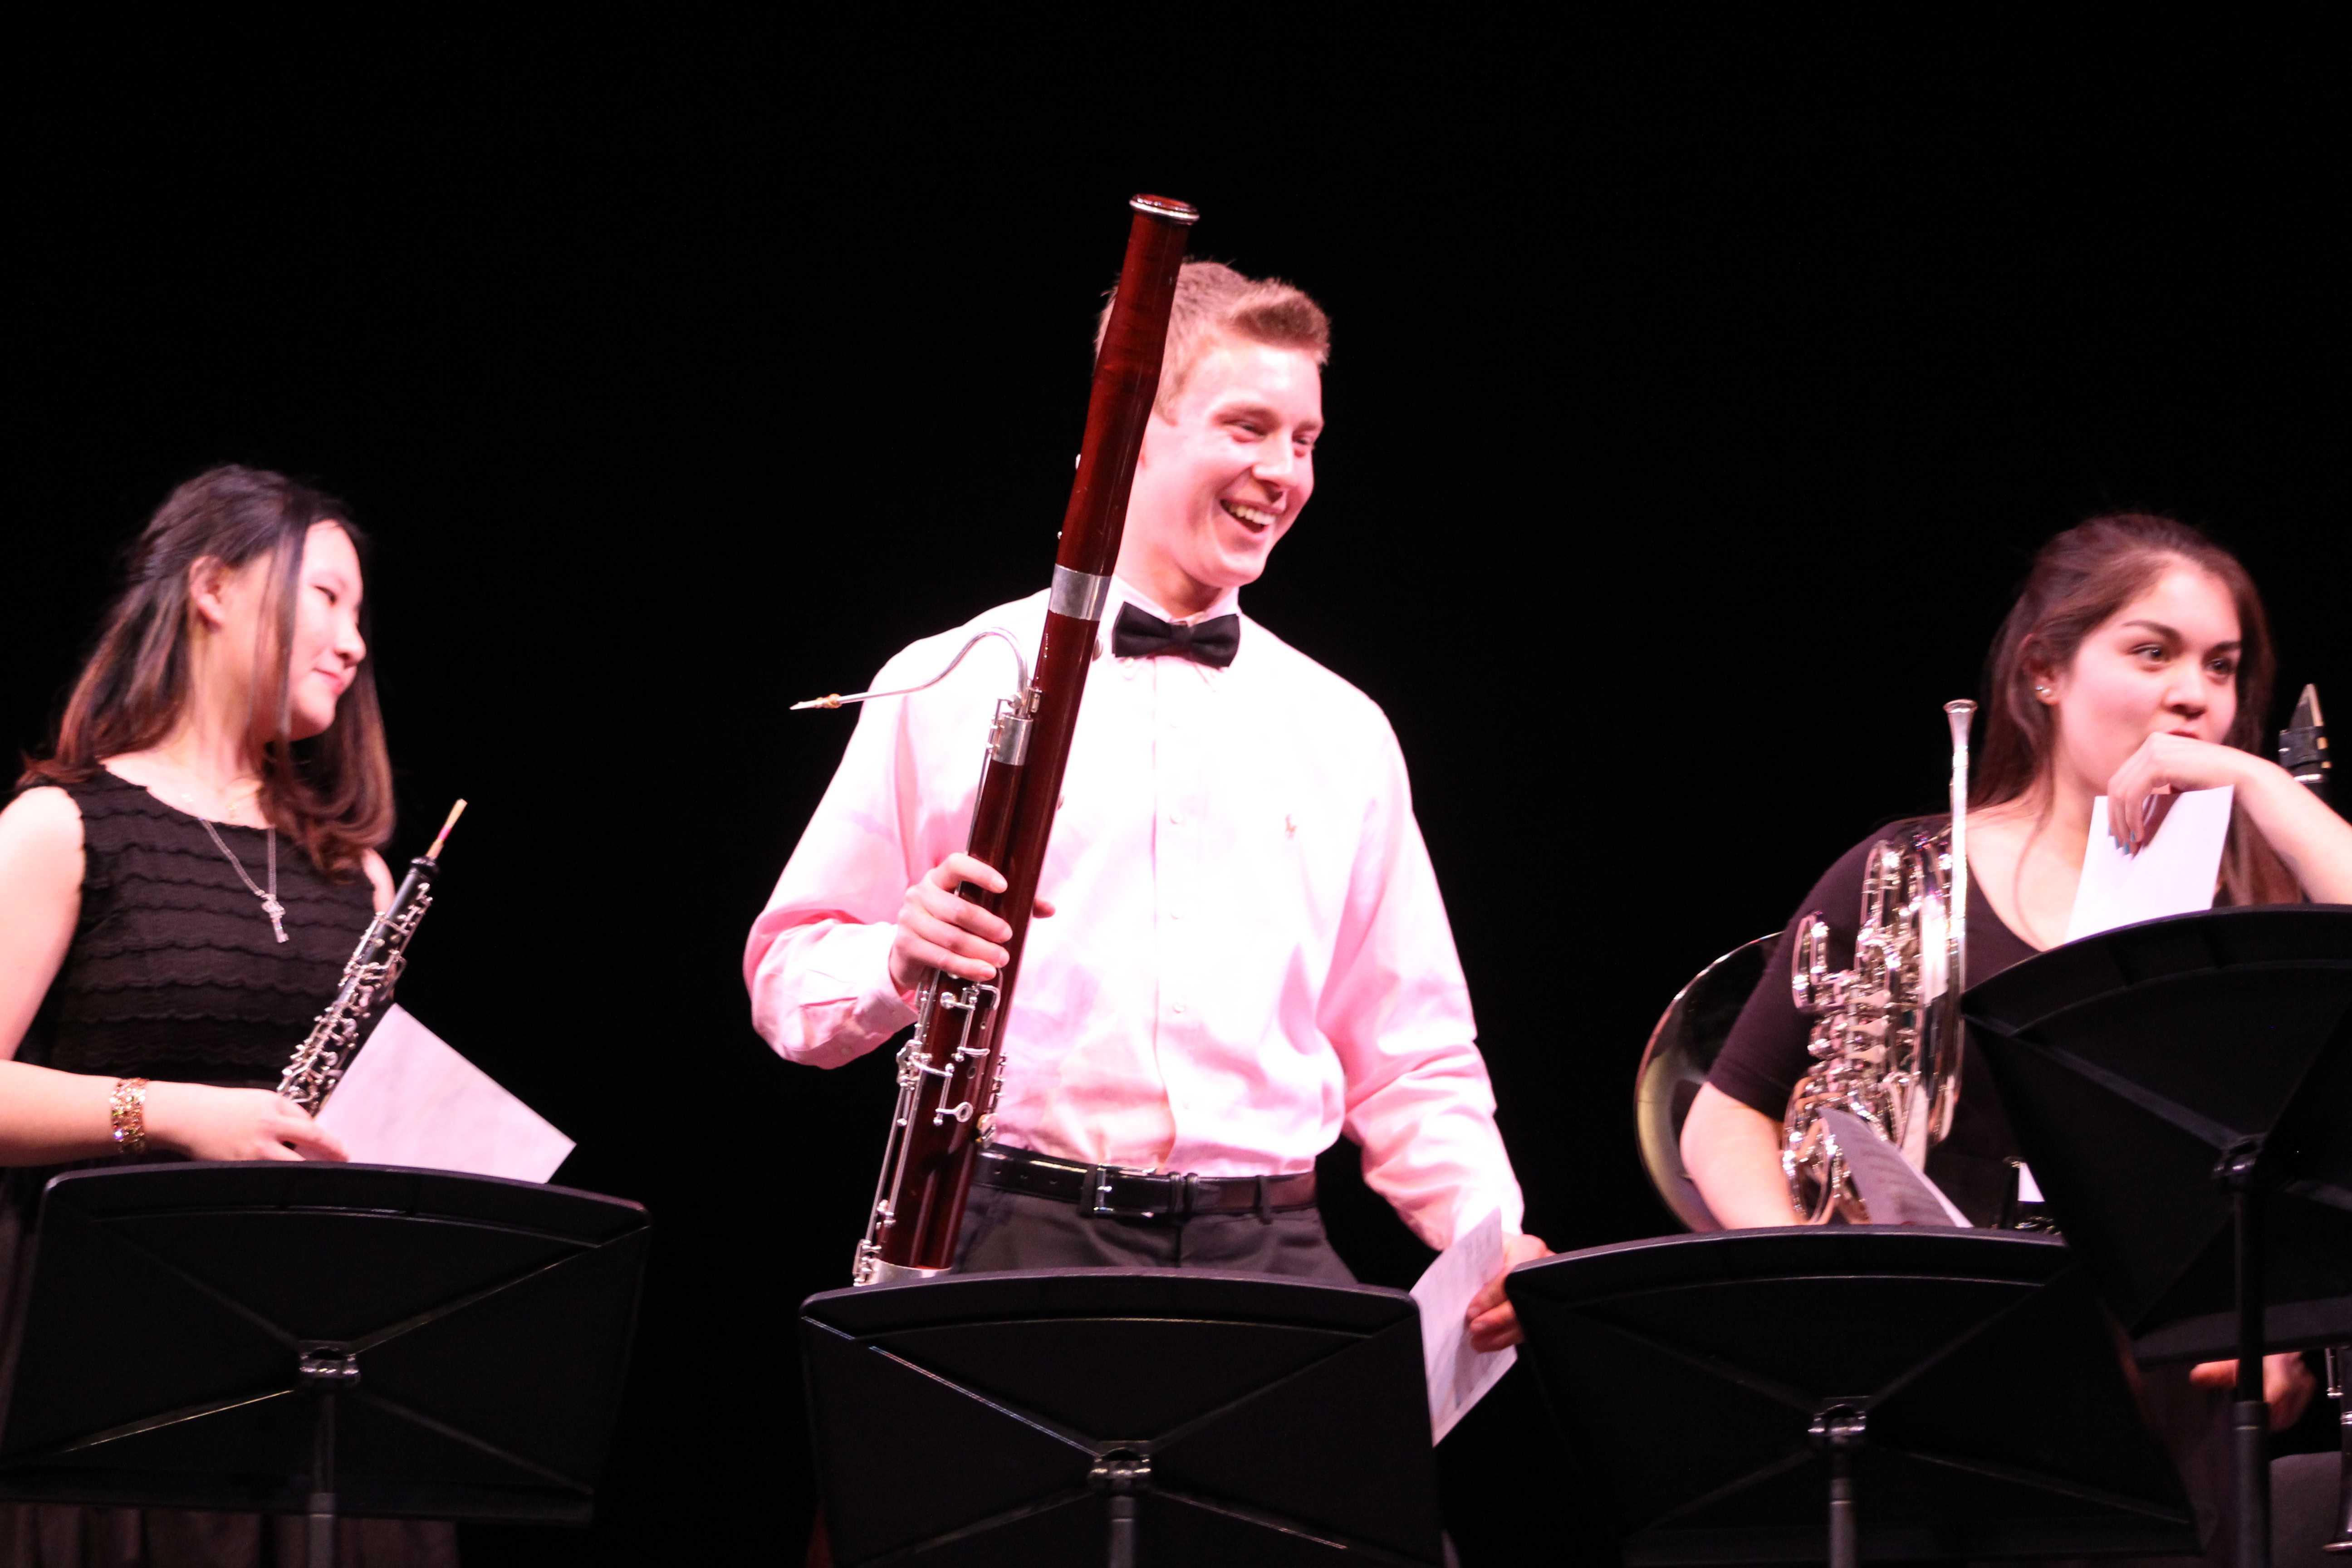 Chamber Music Night impresses